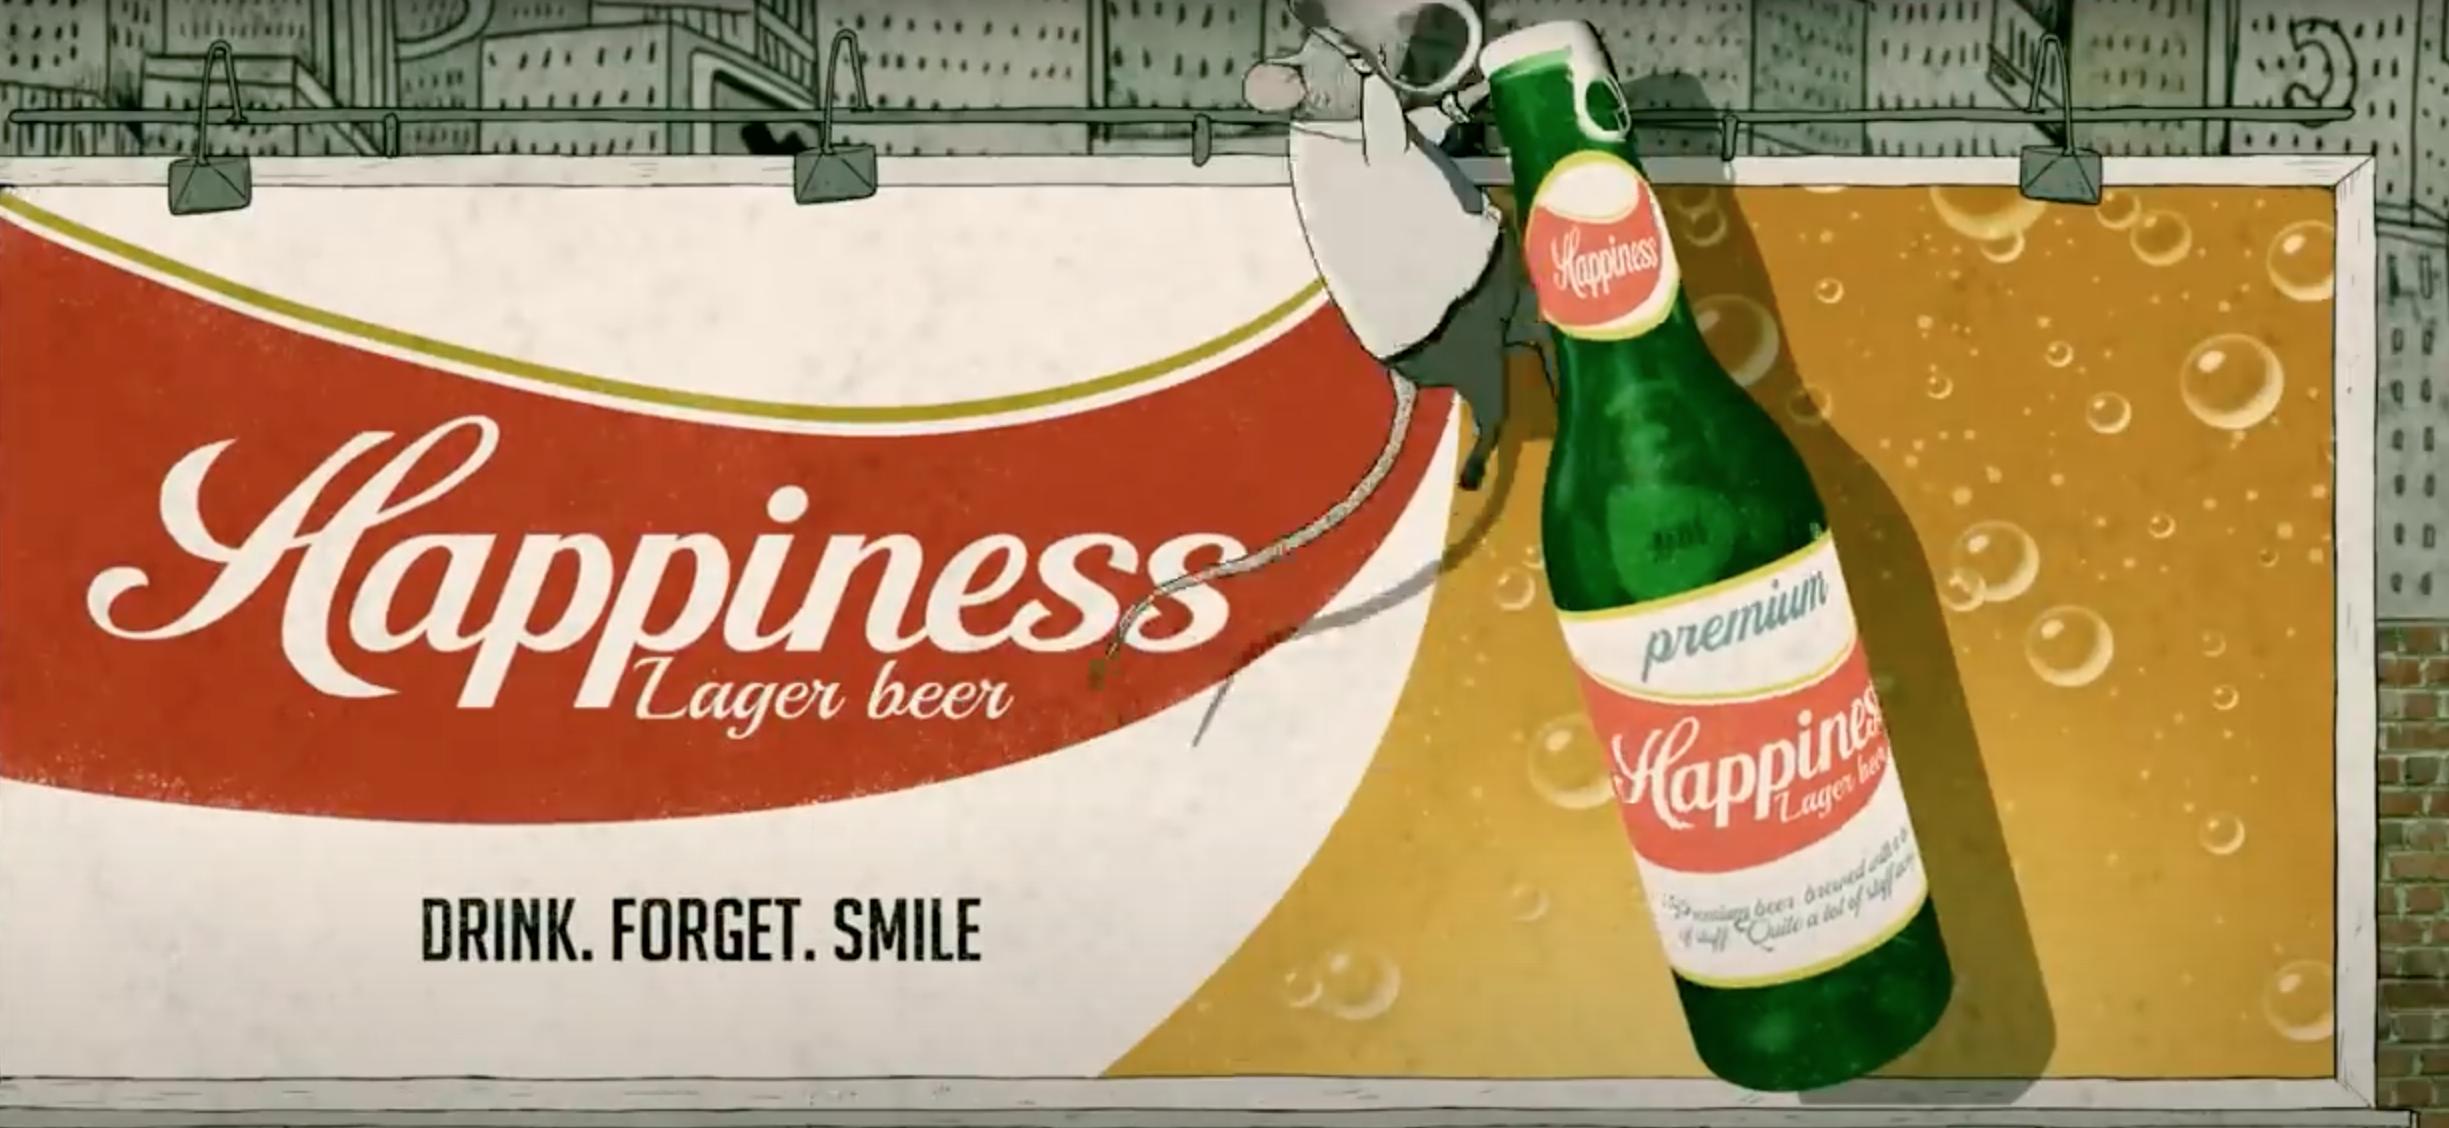 Le bonheur, c'est pas ce qu'on croit, un dessin animé de Steve Cutts